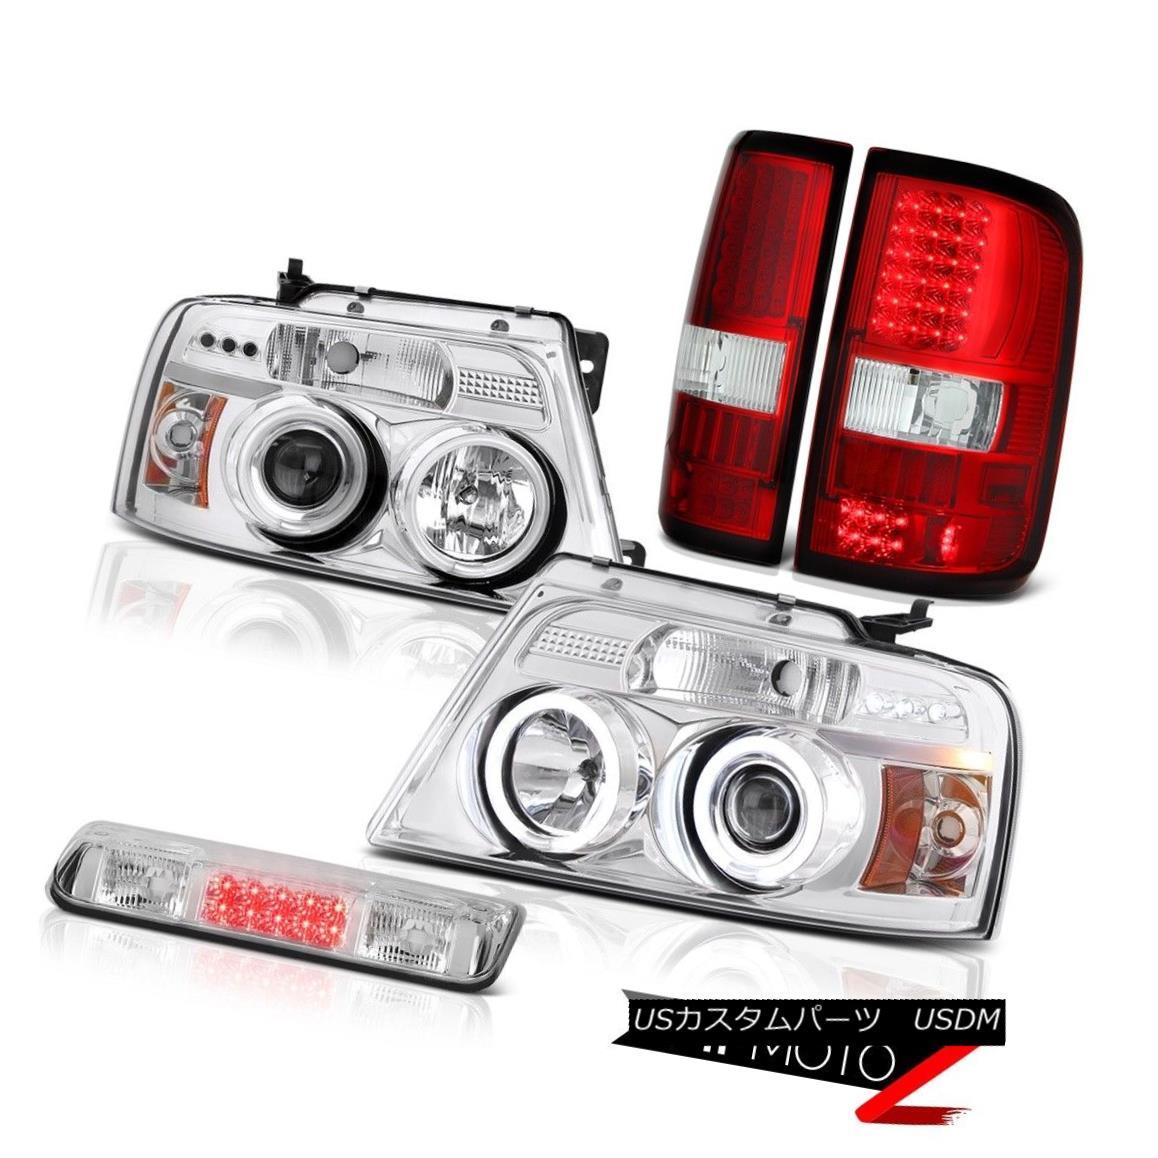 テールライト 04-08 Ford F150 XLT Clear Chrome High Stop Lamp Parking Brake Lights Headlights 04-08 Ford F150 XLTクリアクロームハイストップランプパーキングブレーキライトヘッドライト